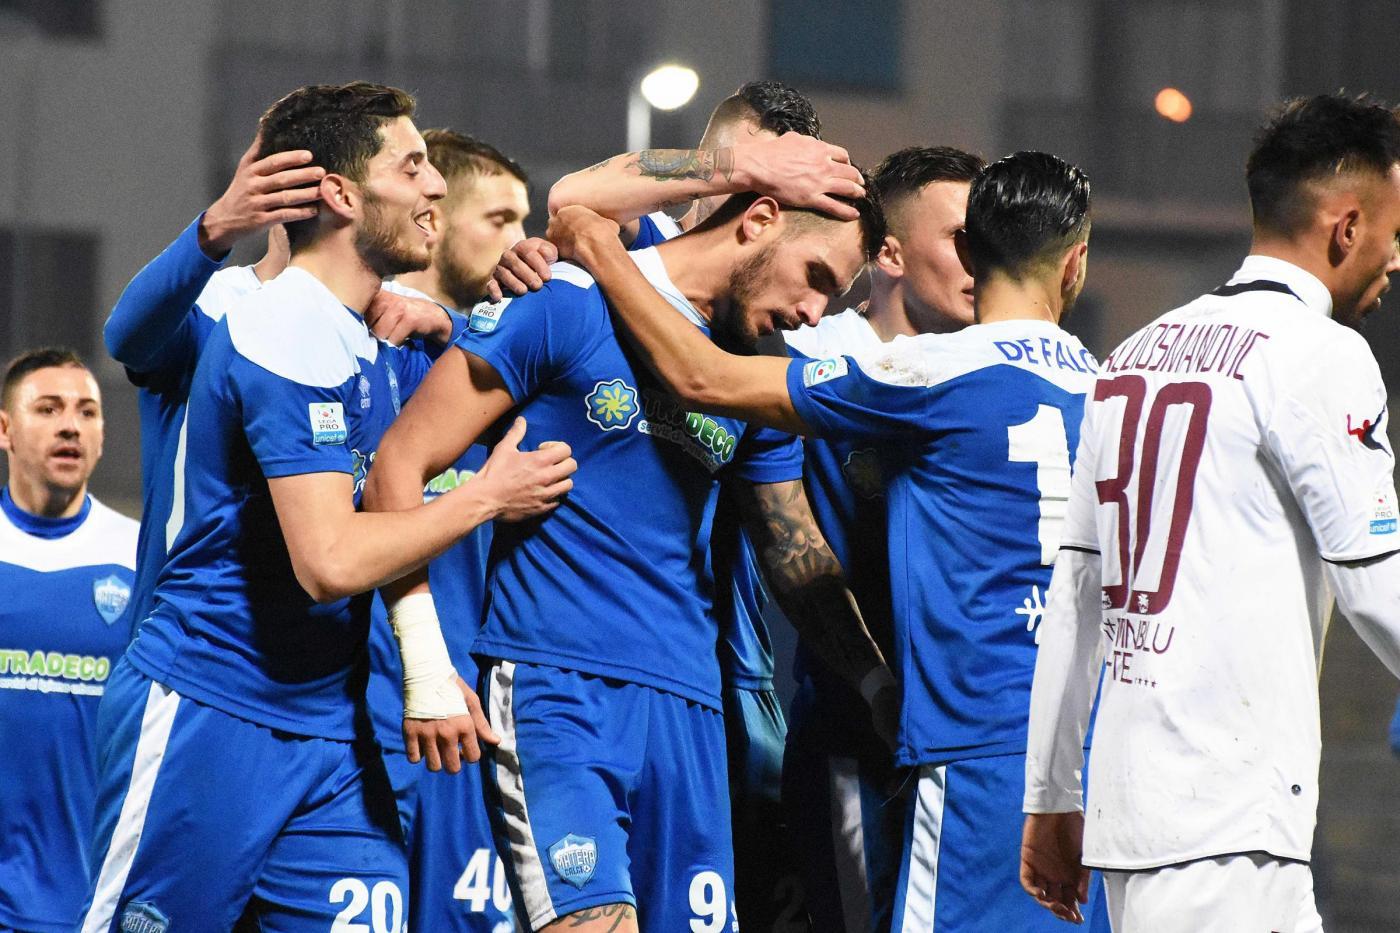 Matera-Viterbese 10 novembre: si gioca per il gruppo C della Serie C. Si affrontano 2 squadre in grossa difficoltà nell'ultimo periodo.